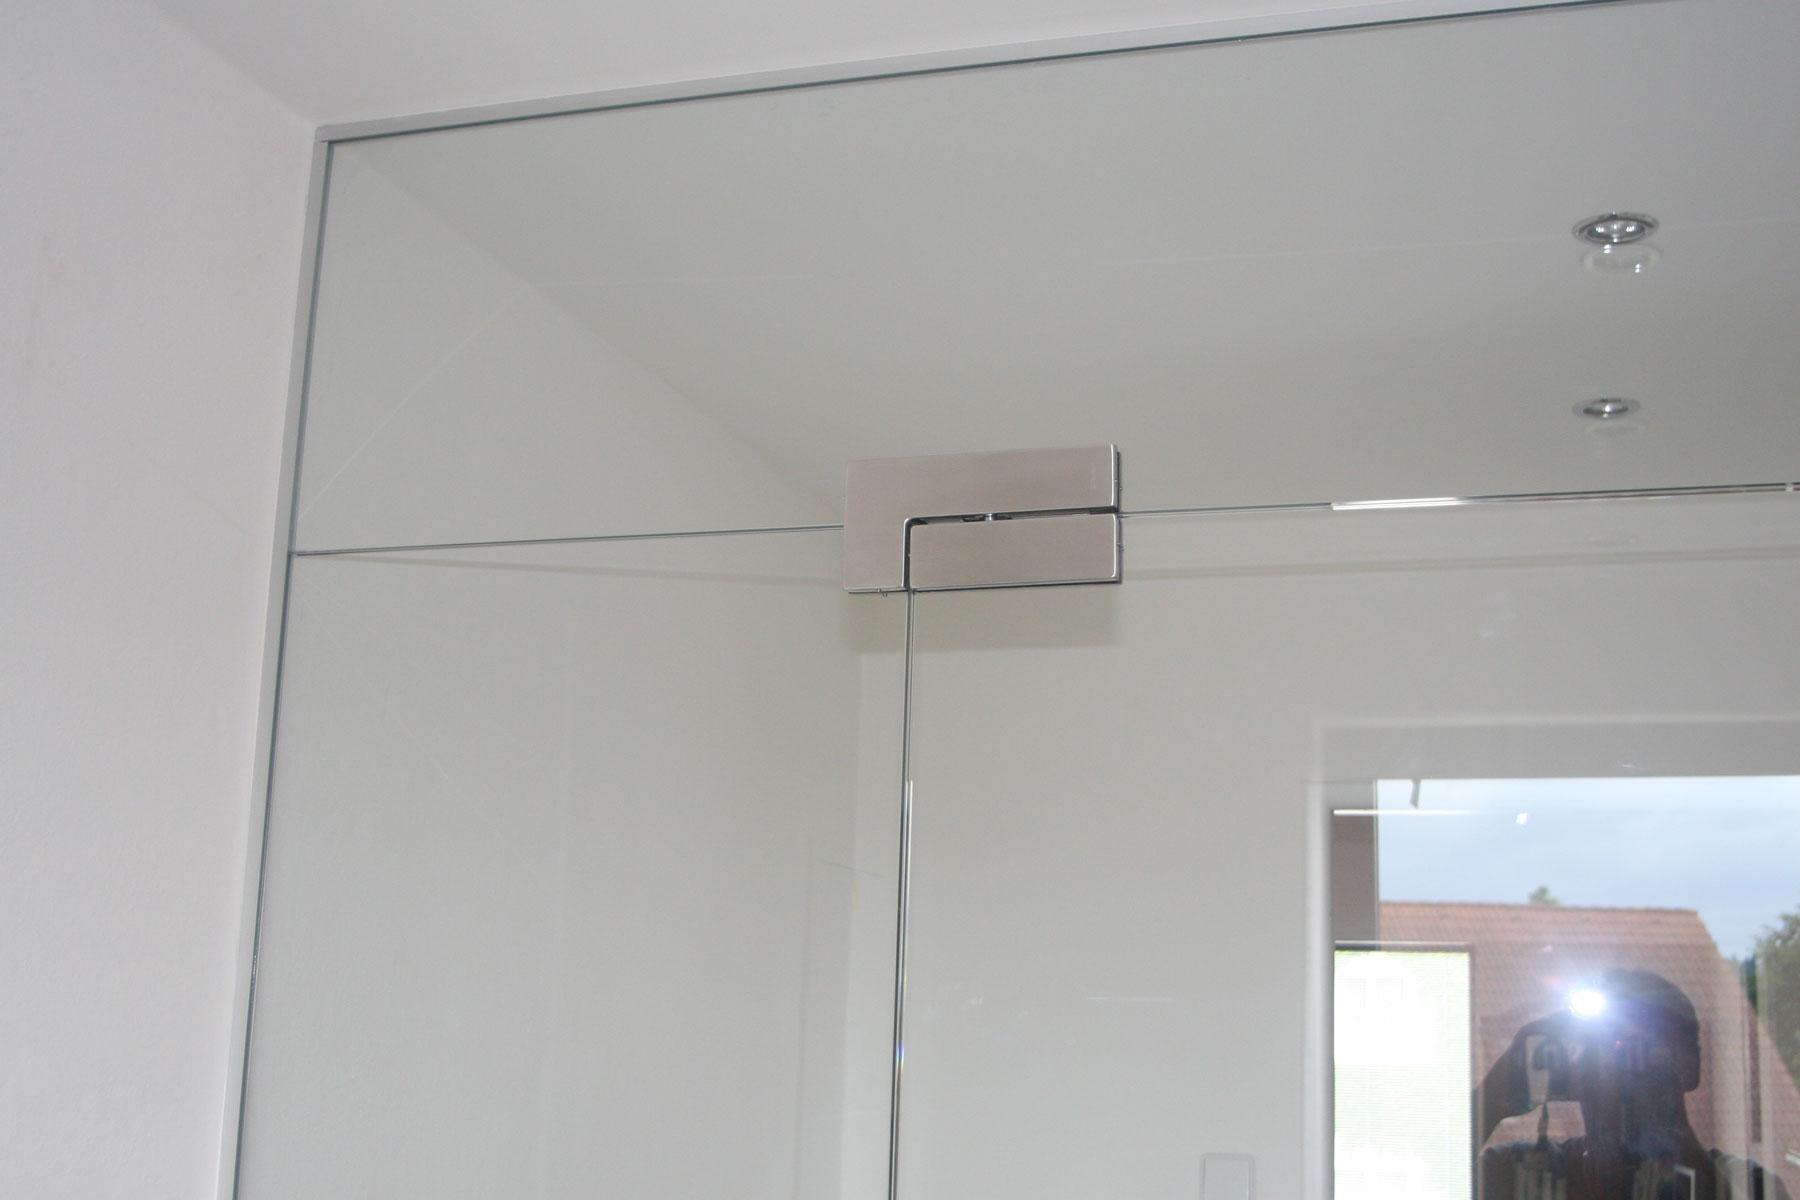 Sklenarstvi-Prerost-sklenene- steny-a-dvere (75)